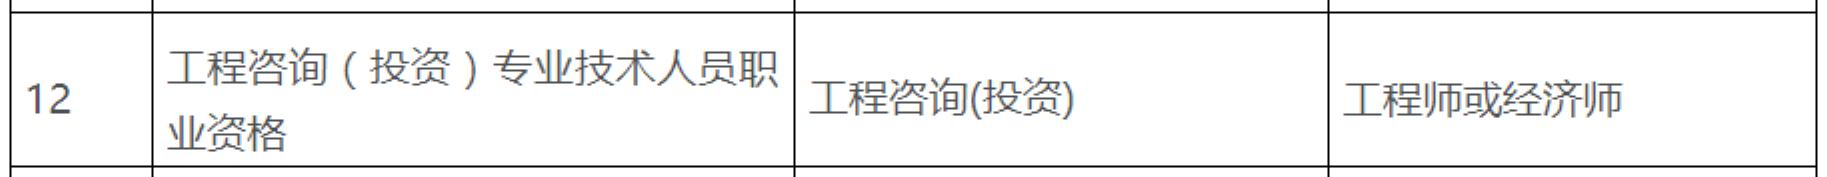 天津保税区(咨询工程师)学历、职称提升补贴政策指南